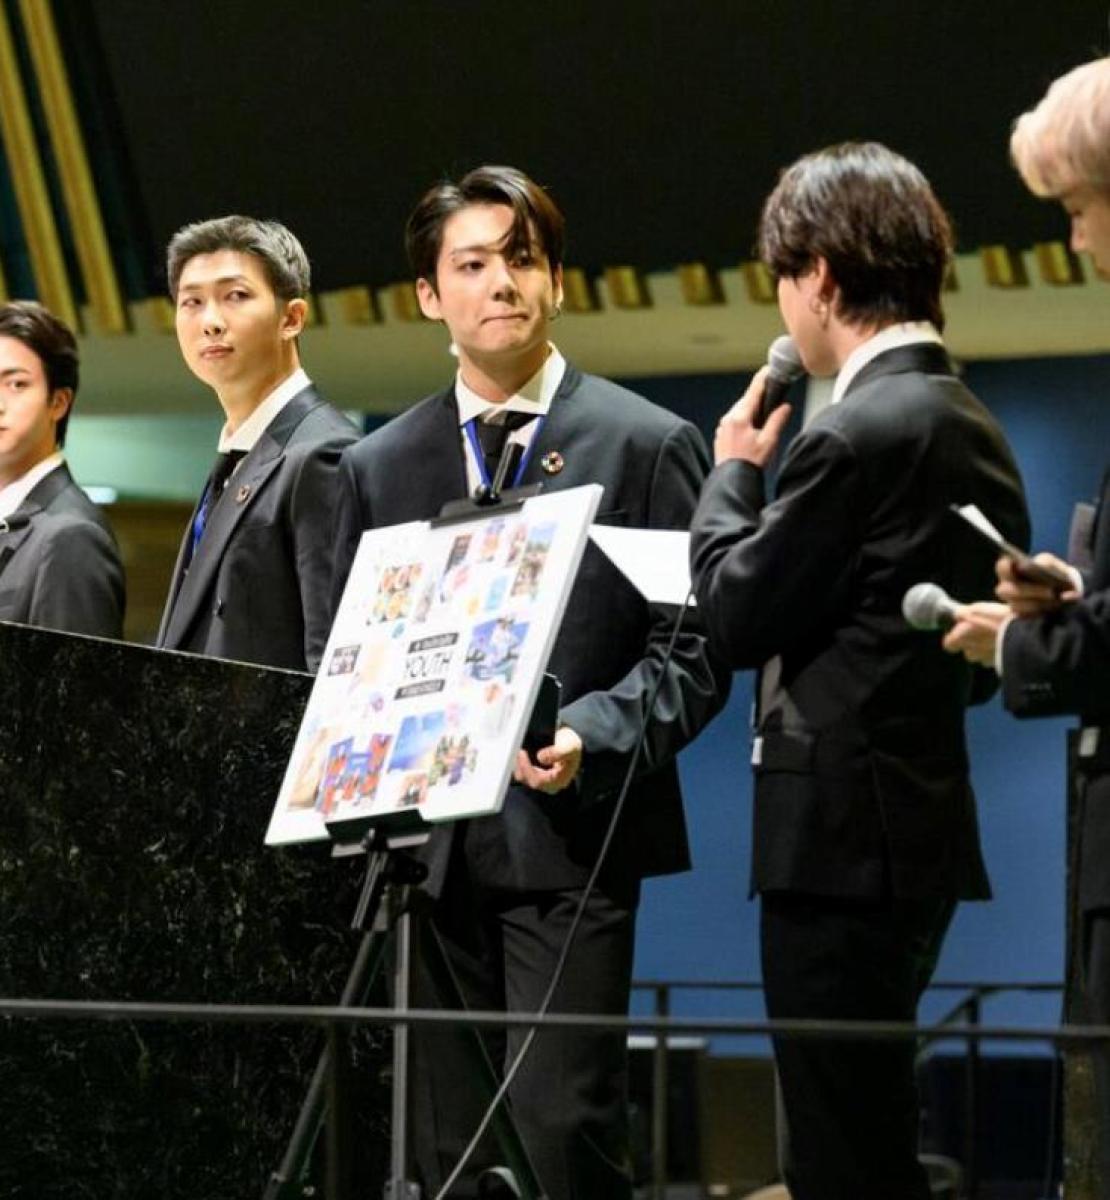 Siete miembros de BTS, una banda de K-pop, vestidos de traje, hablan en la Asamblea General.